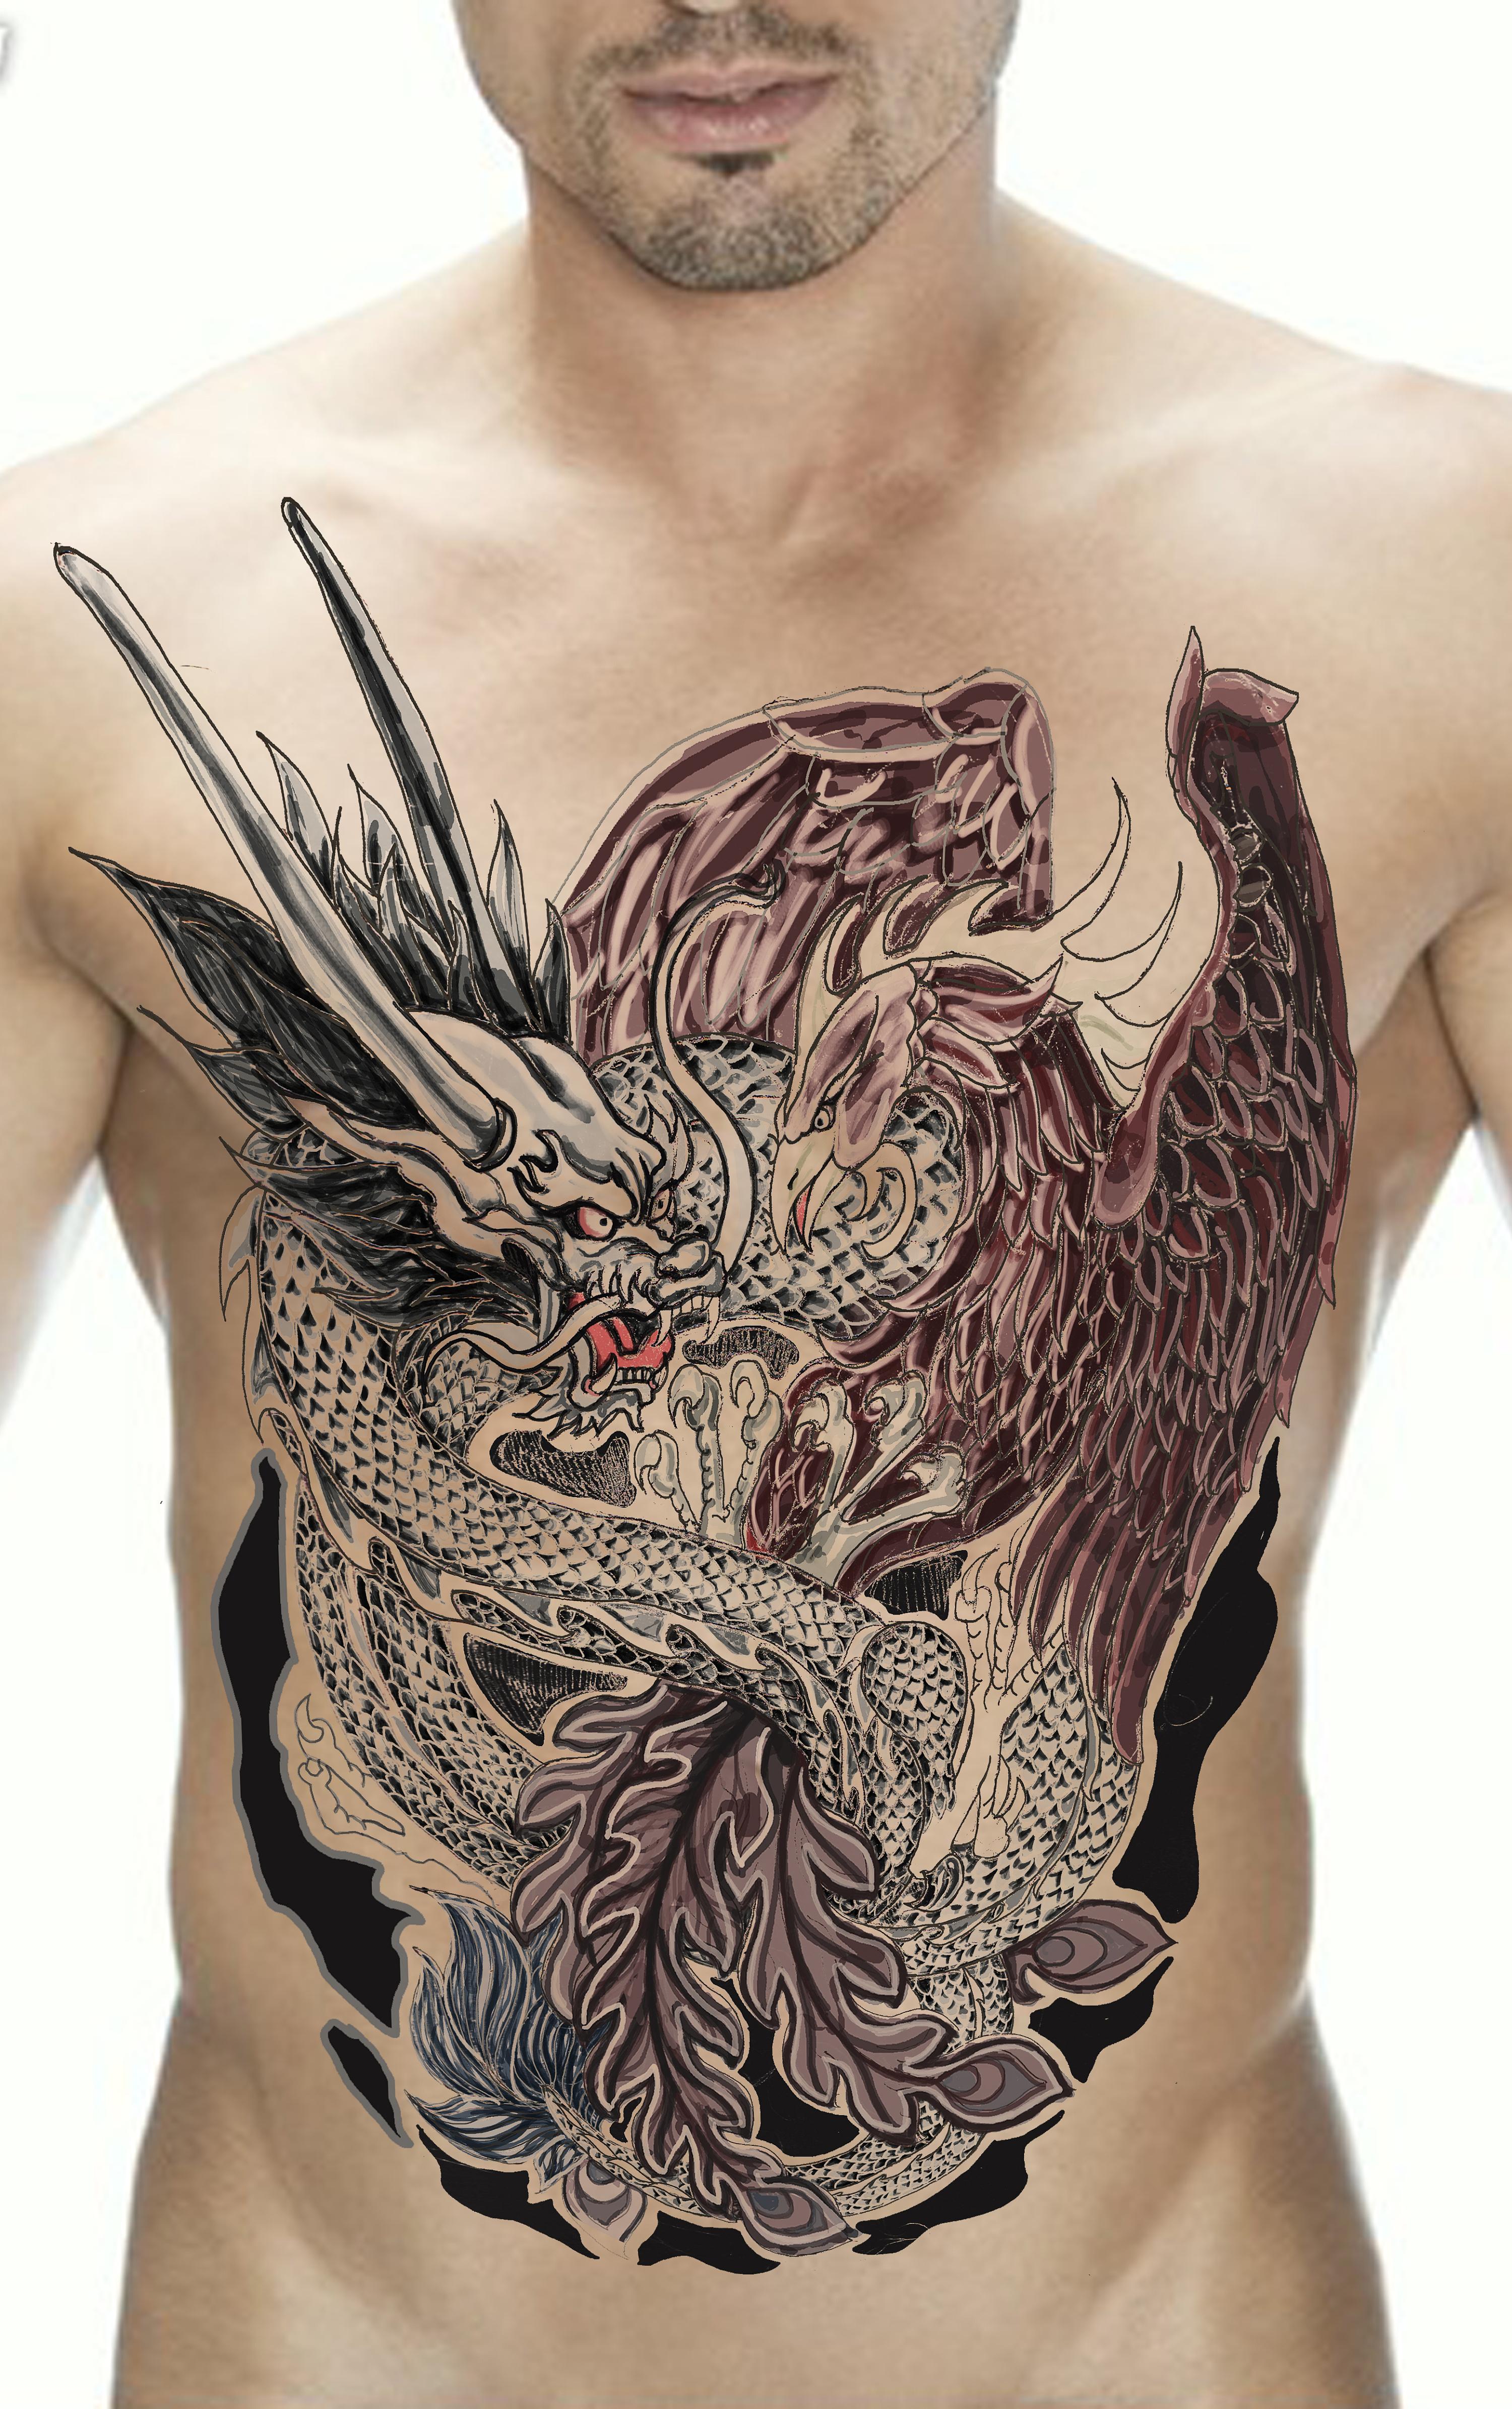 龙凤纹身图片